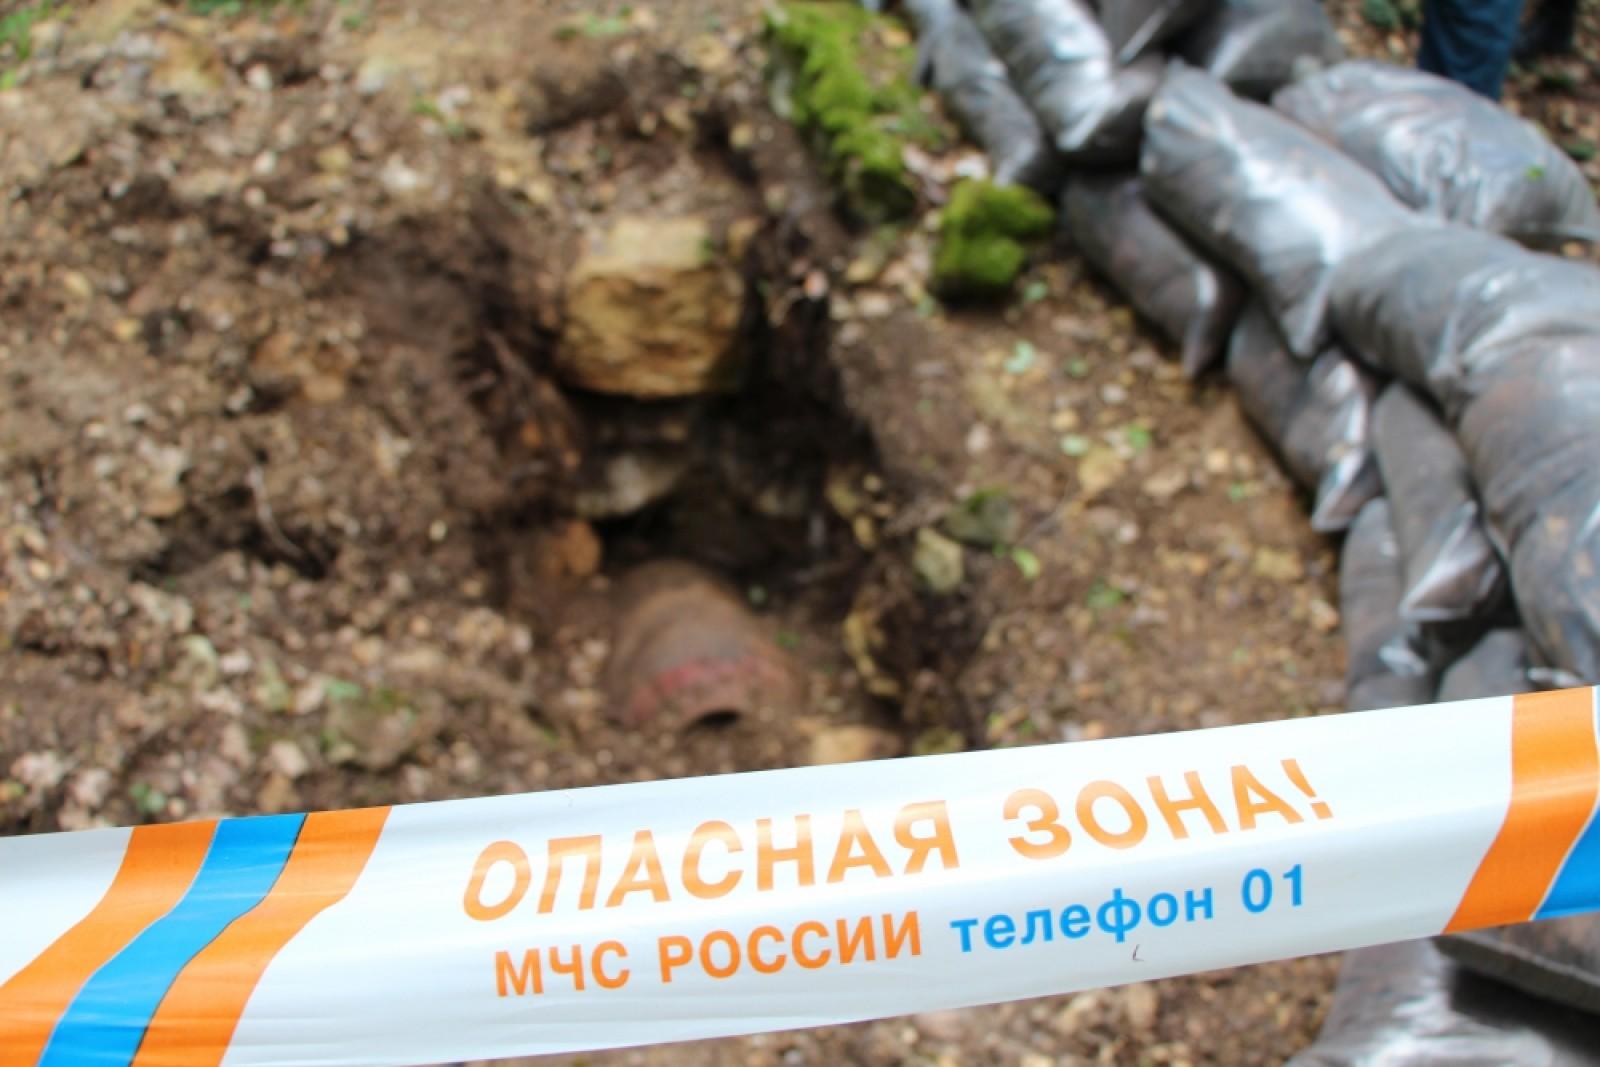 100-килограммовую авиабомбу уничтожили взрывотехники вПриморском крае